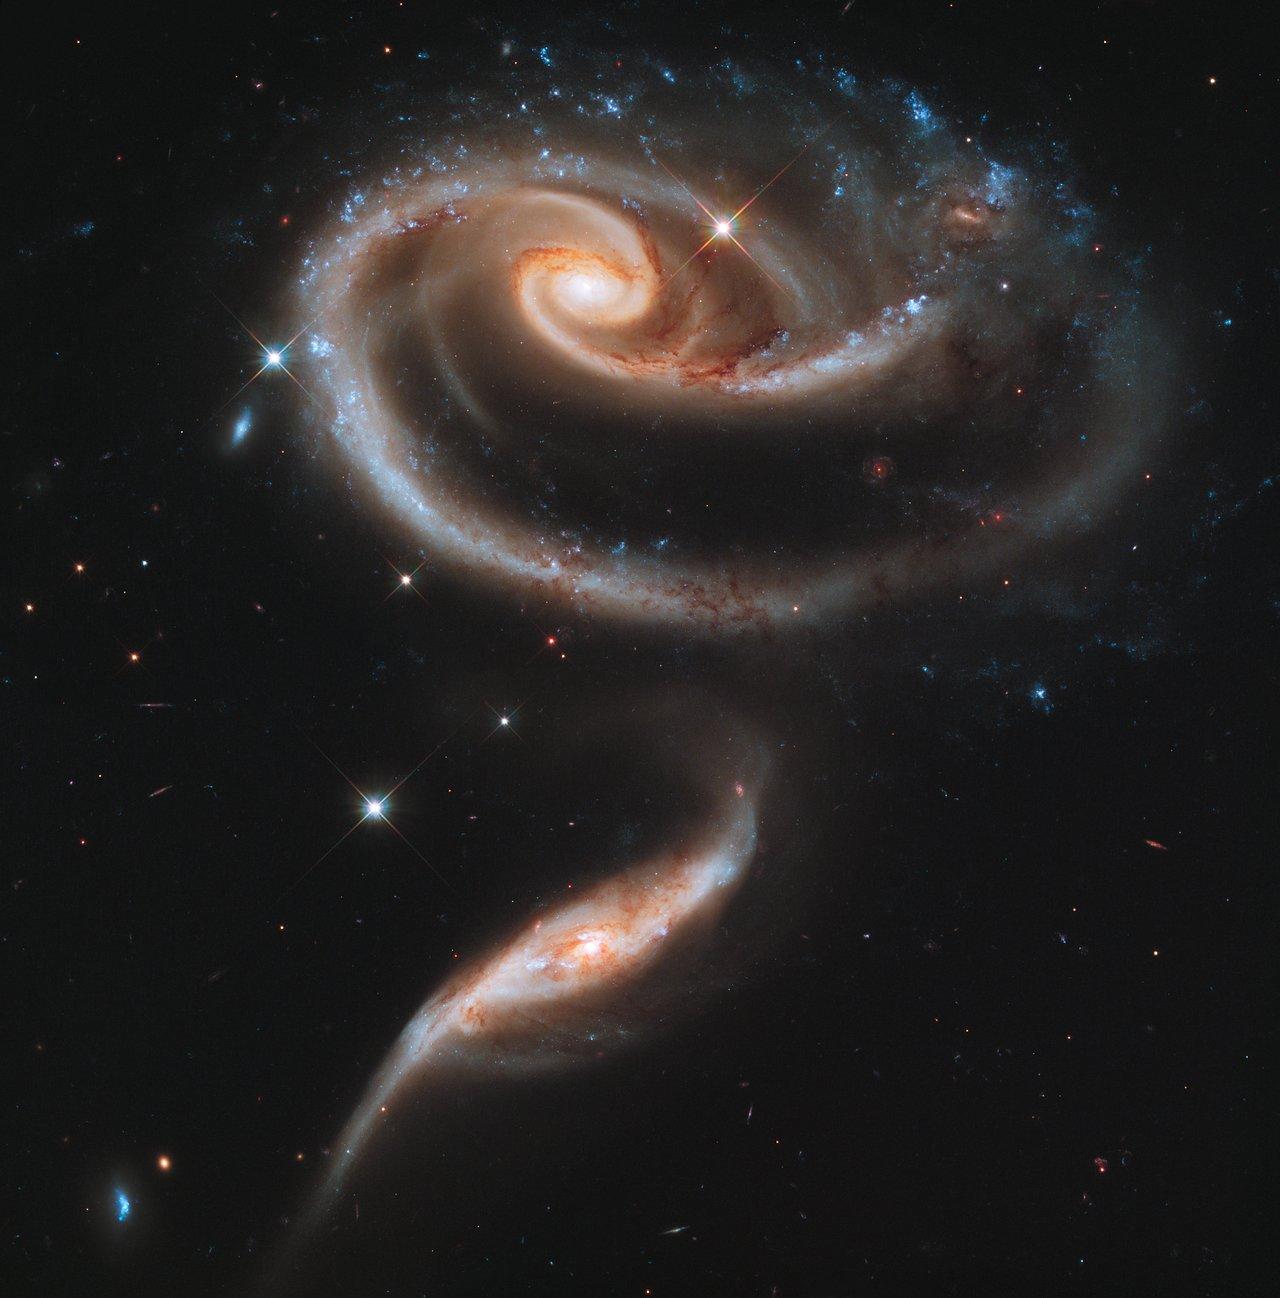 Космический телескоп Хаббл (статья плюс ролик) - 10